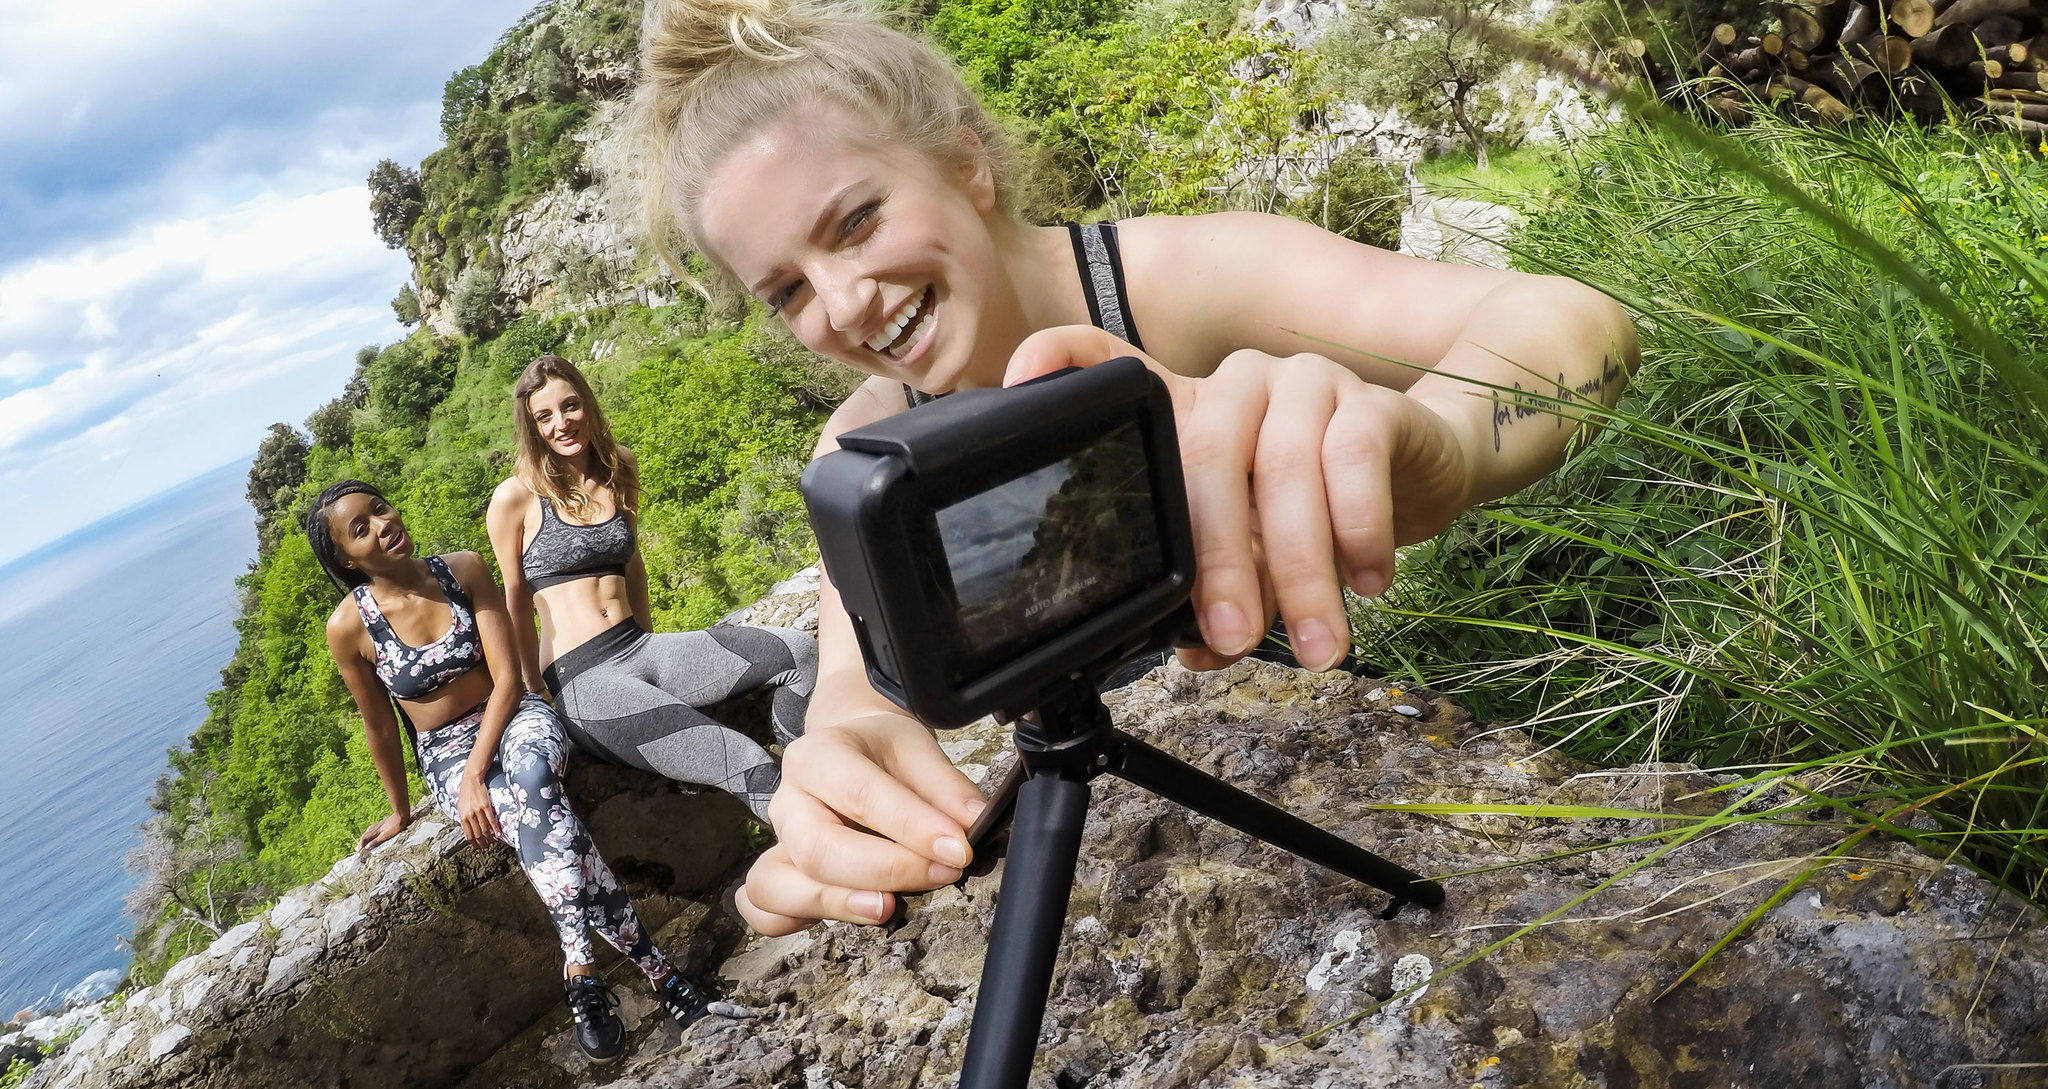 Экшн-камера: какую выбрать. лучшие экшн-камеры 2016: топ 10